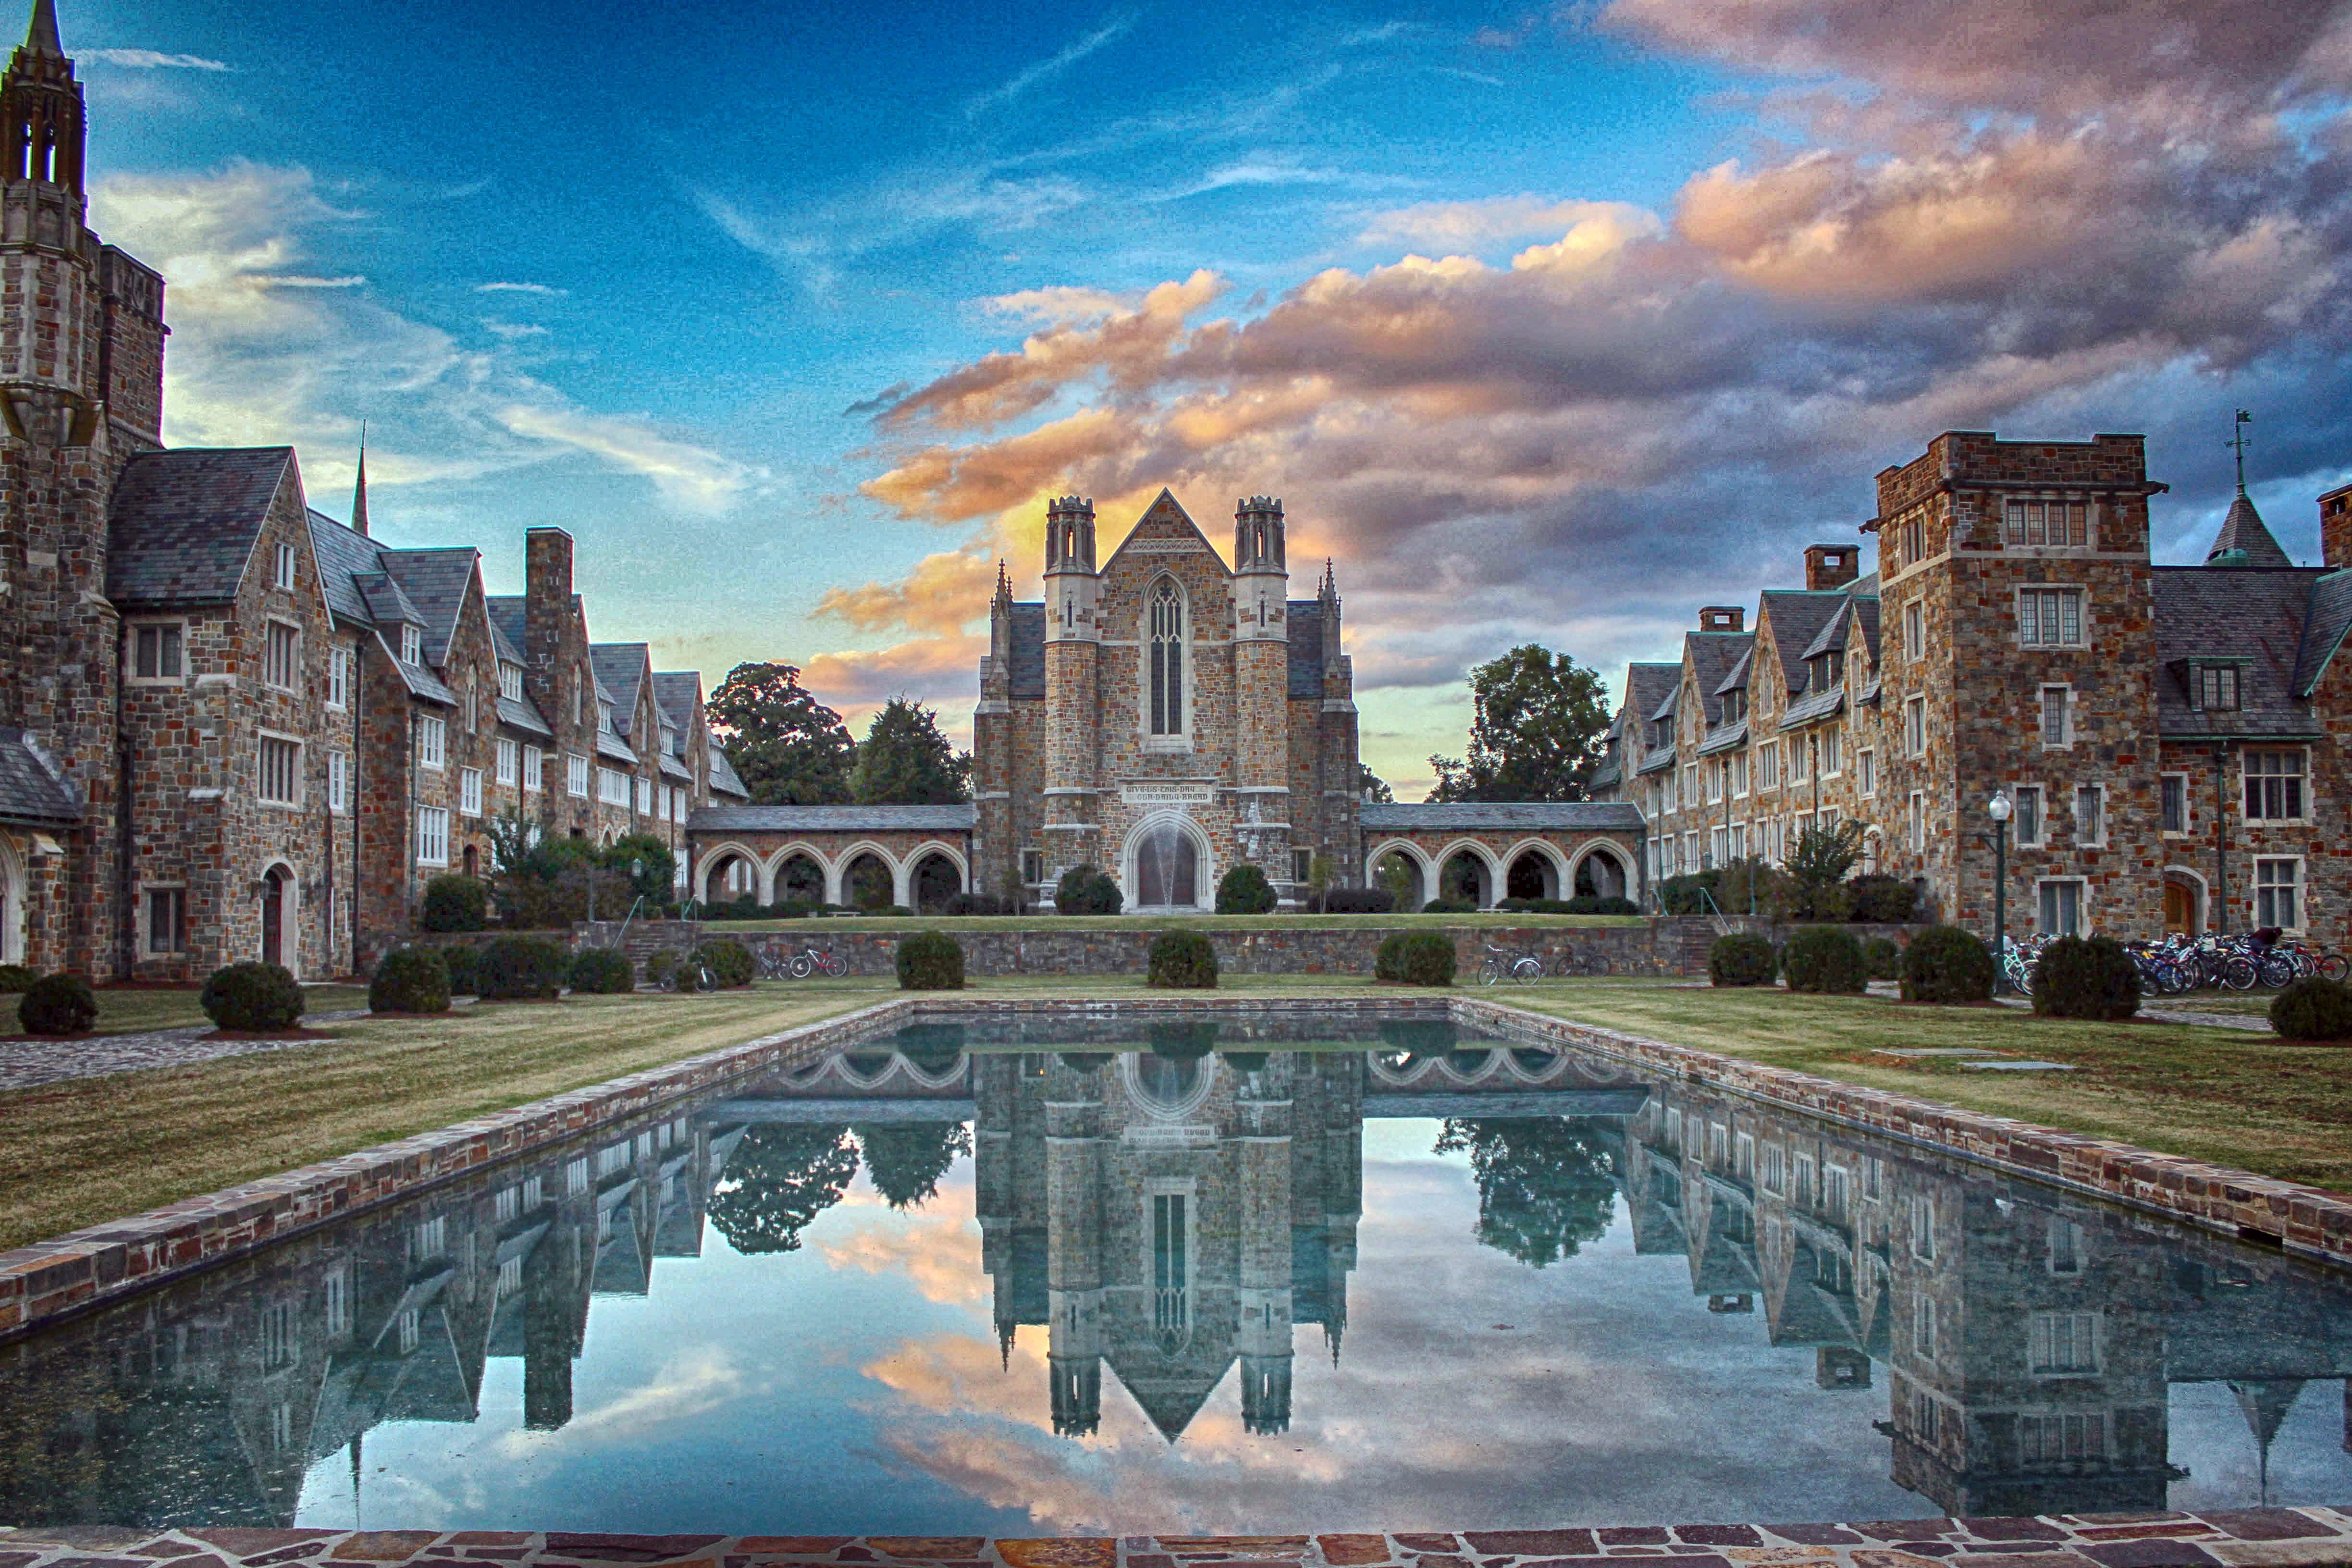 Lauren Neumann—Berry College